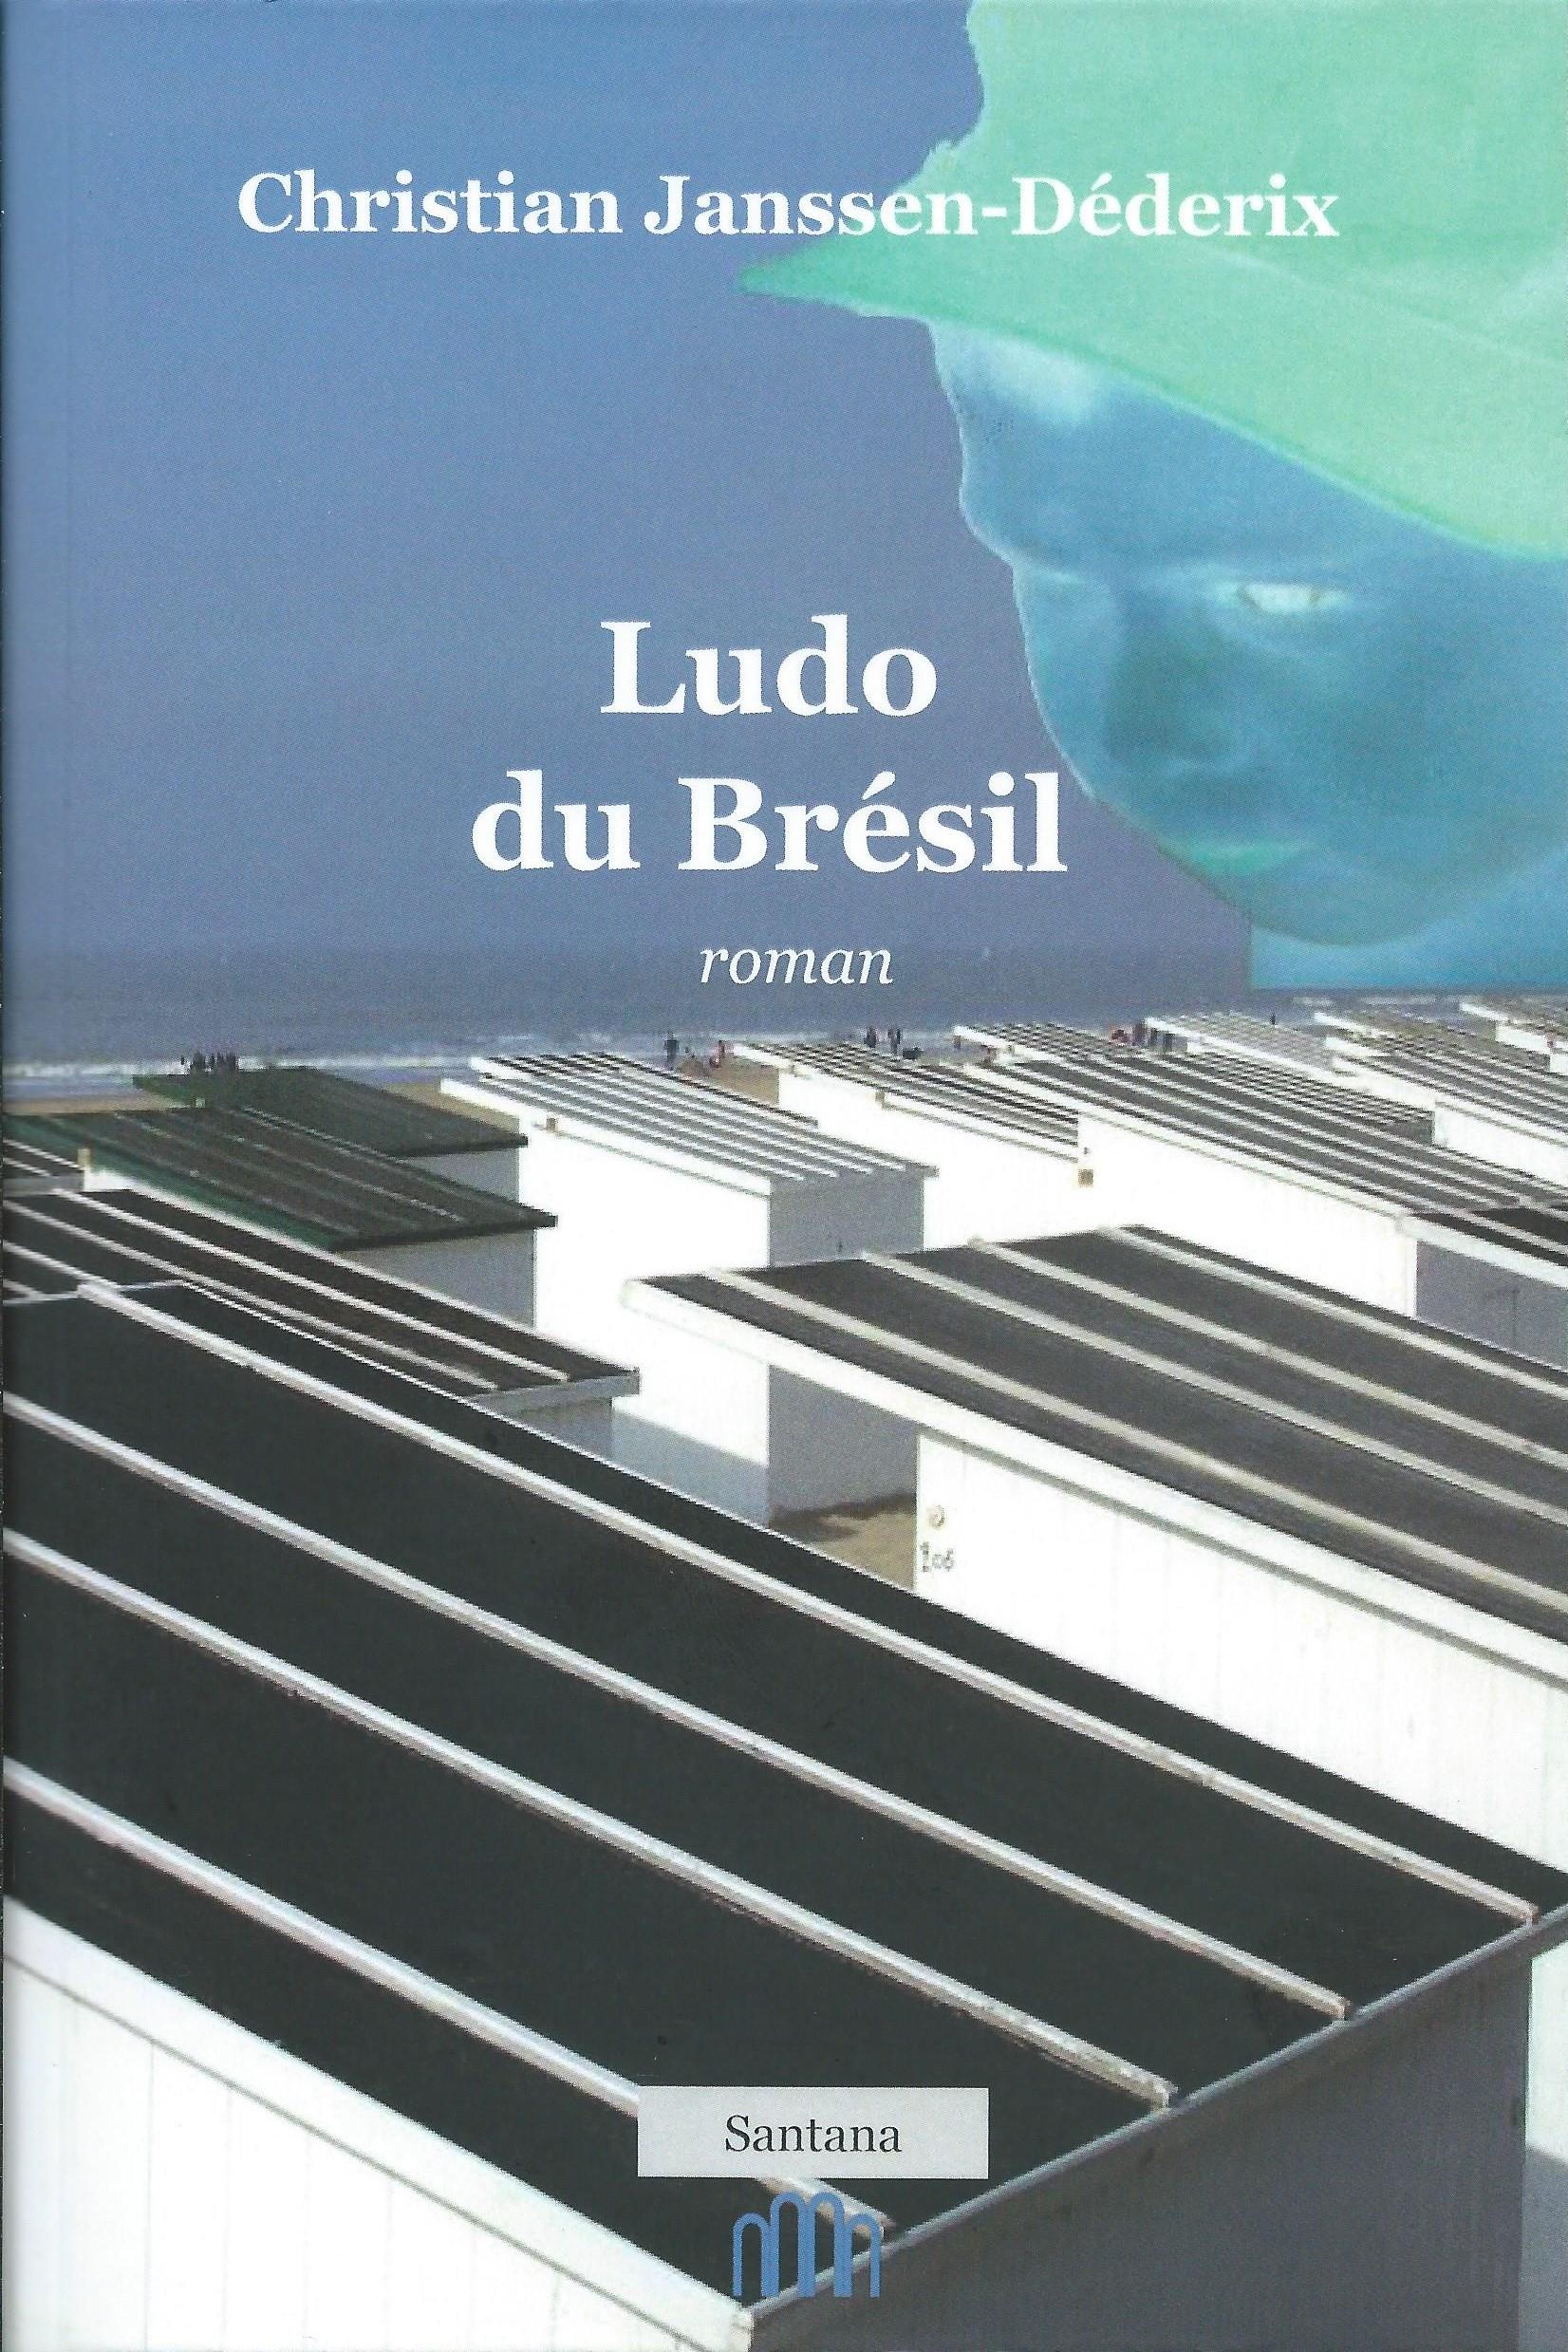 CHRISTIAN JANSSEN-DÉDERIX - Ludo du Brésil